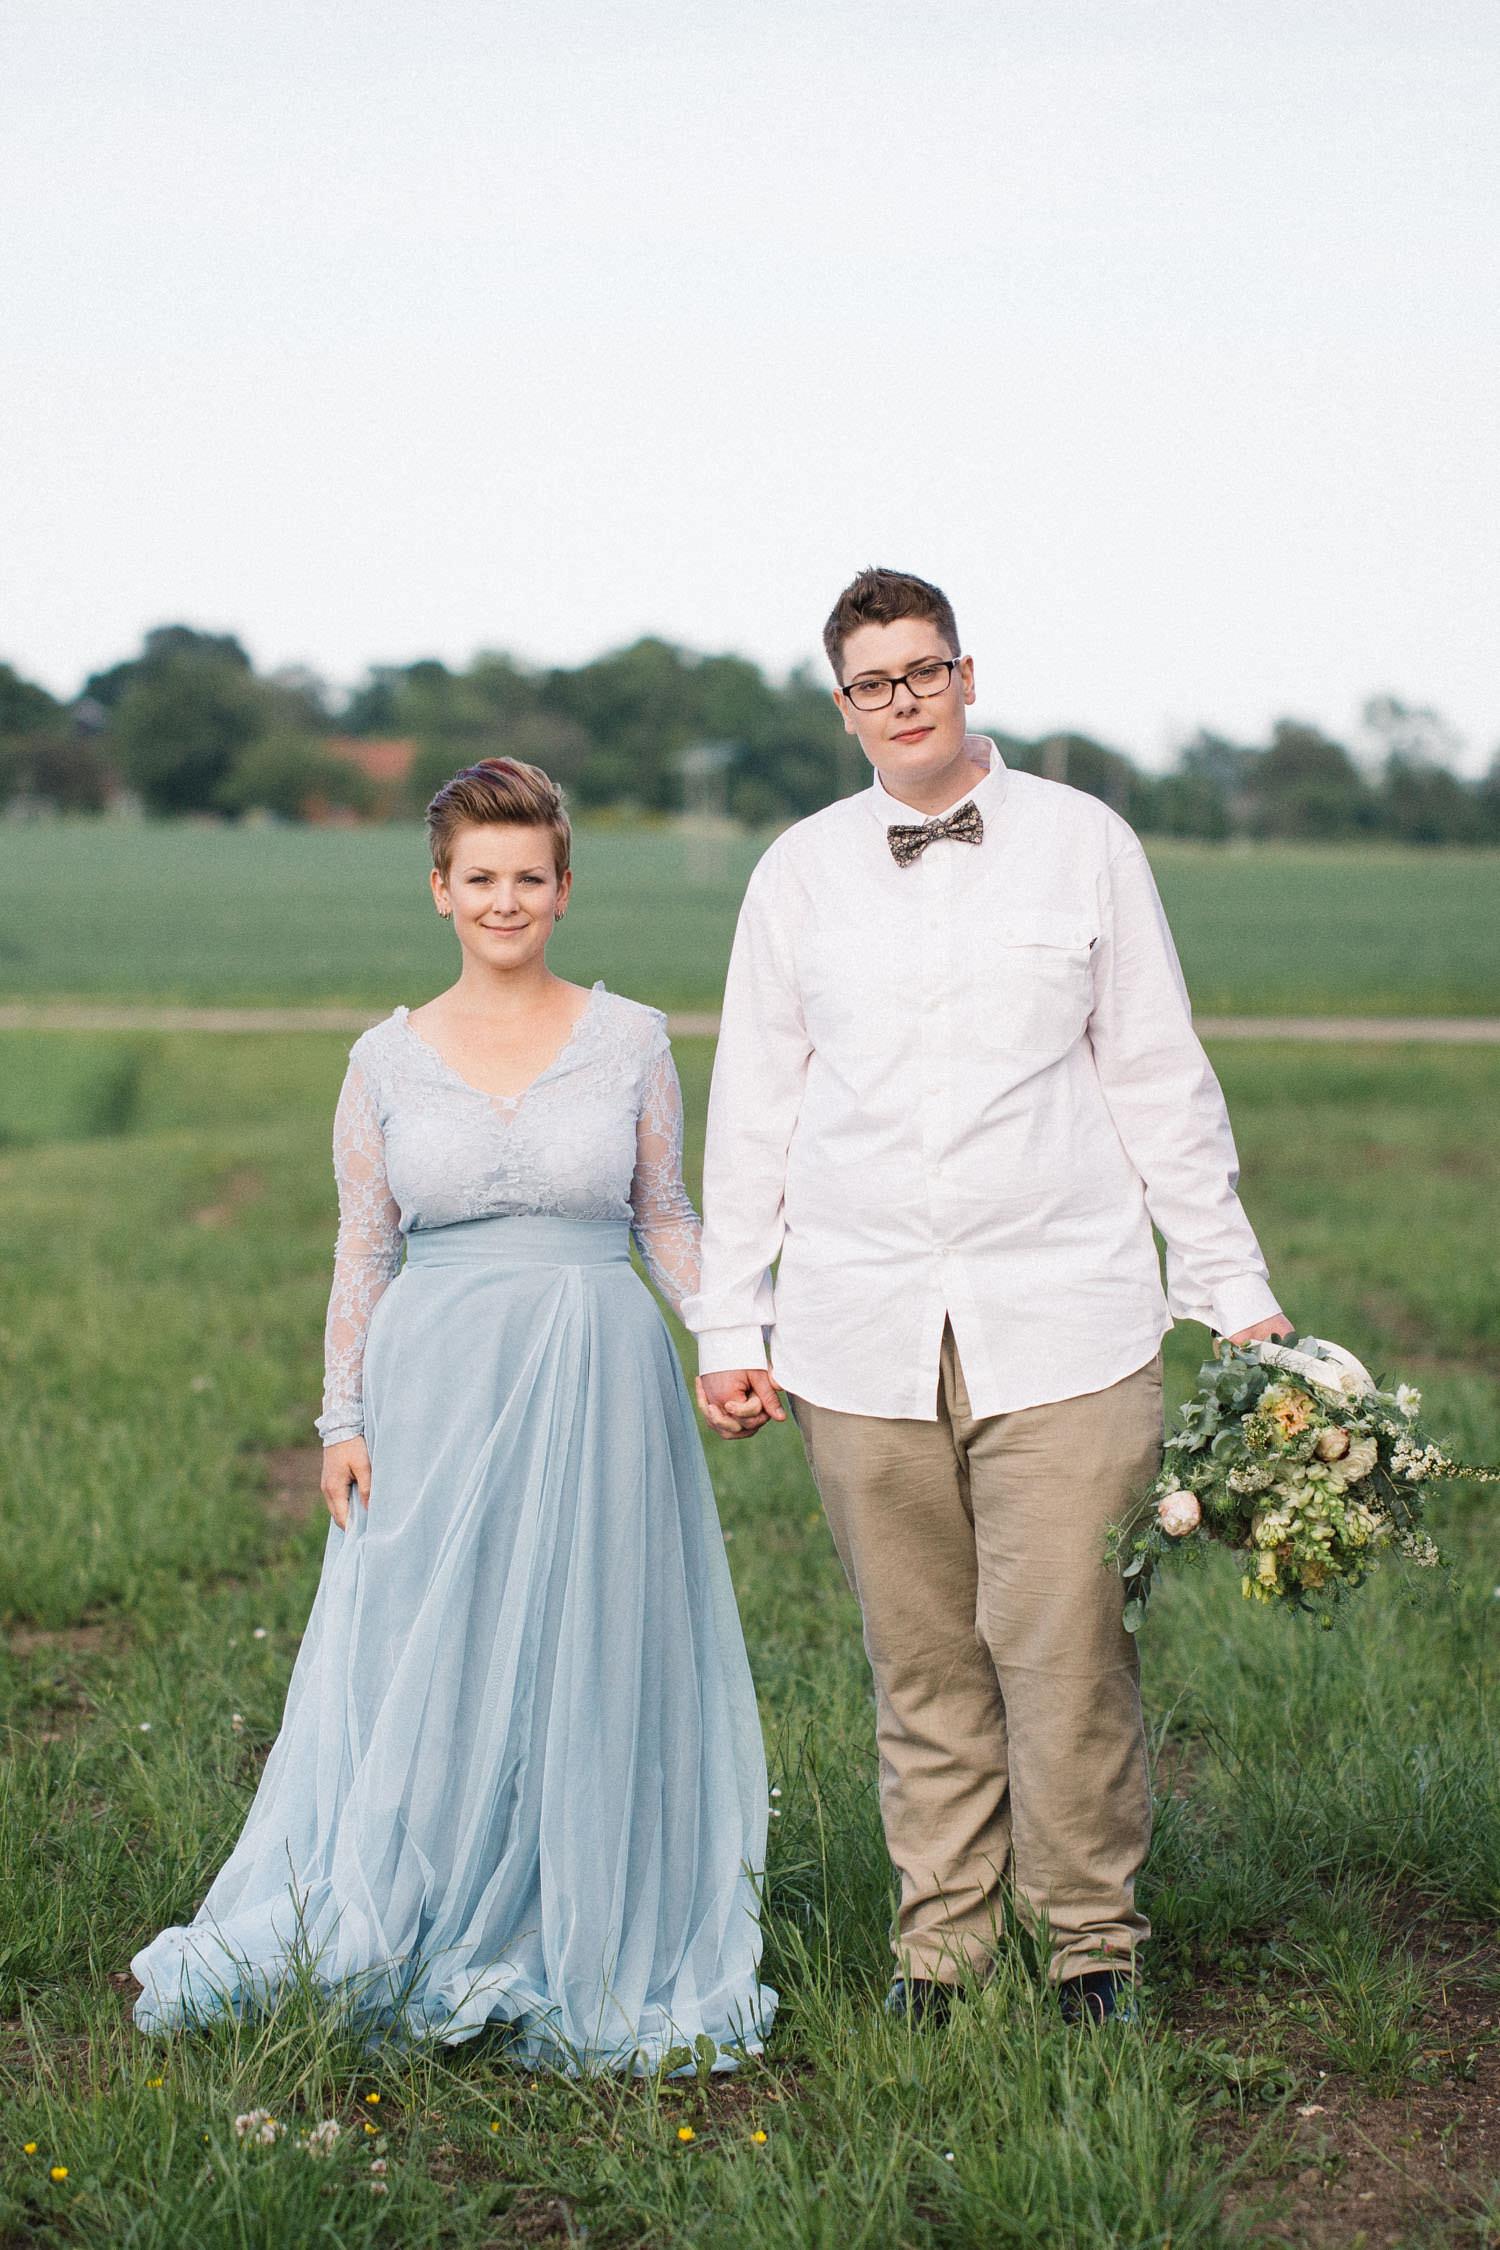 Brudklänning kommer från SensibleM, miljövänlig fluga kommer från Metzerverket. Foto: Tove Lundquist, bröllopsfotograf Skåne.